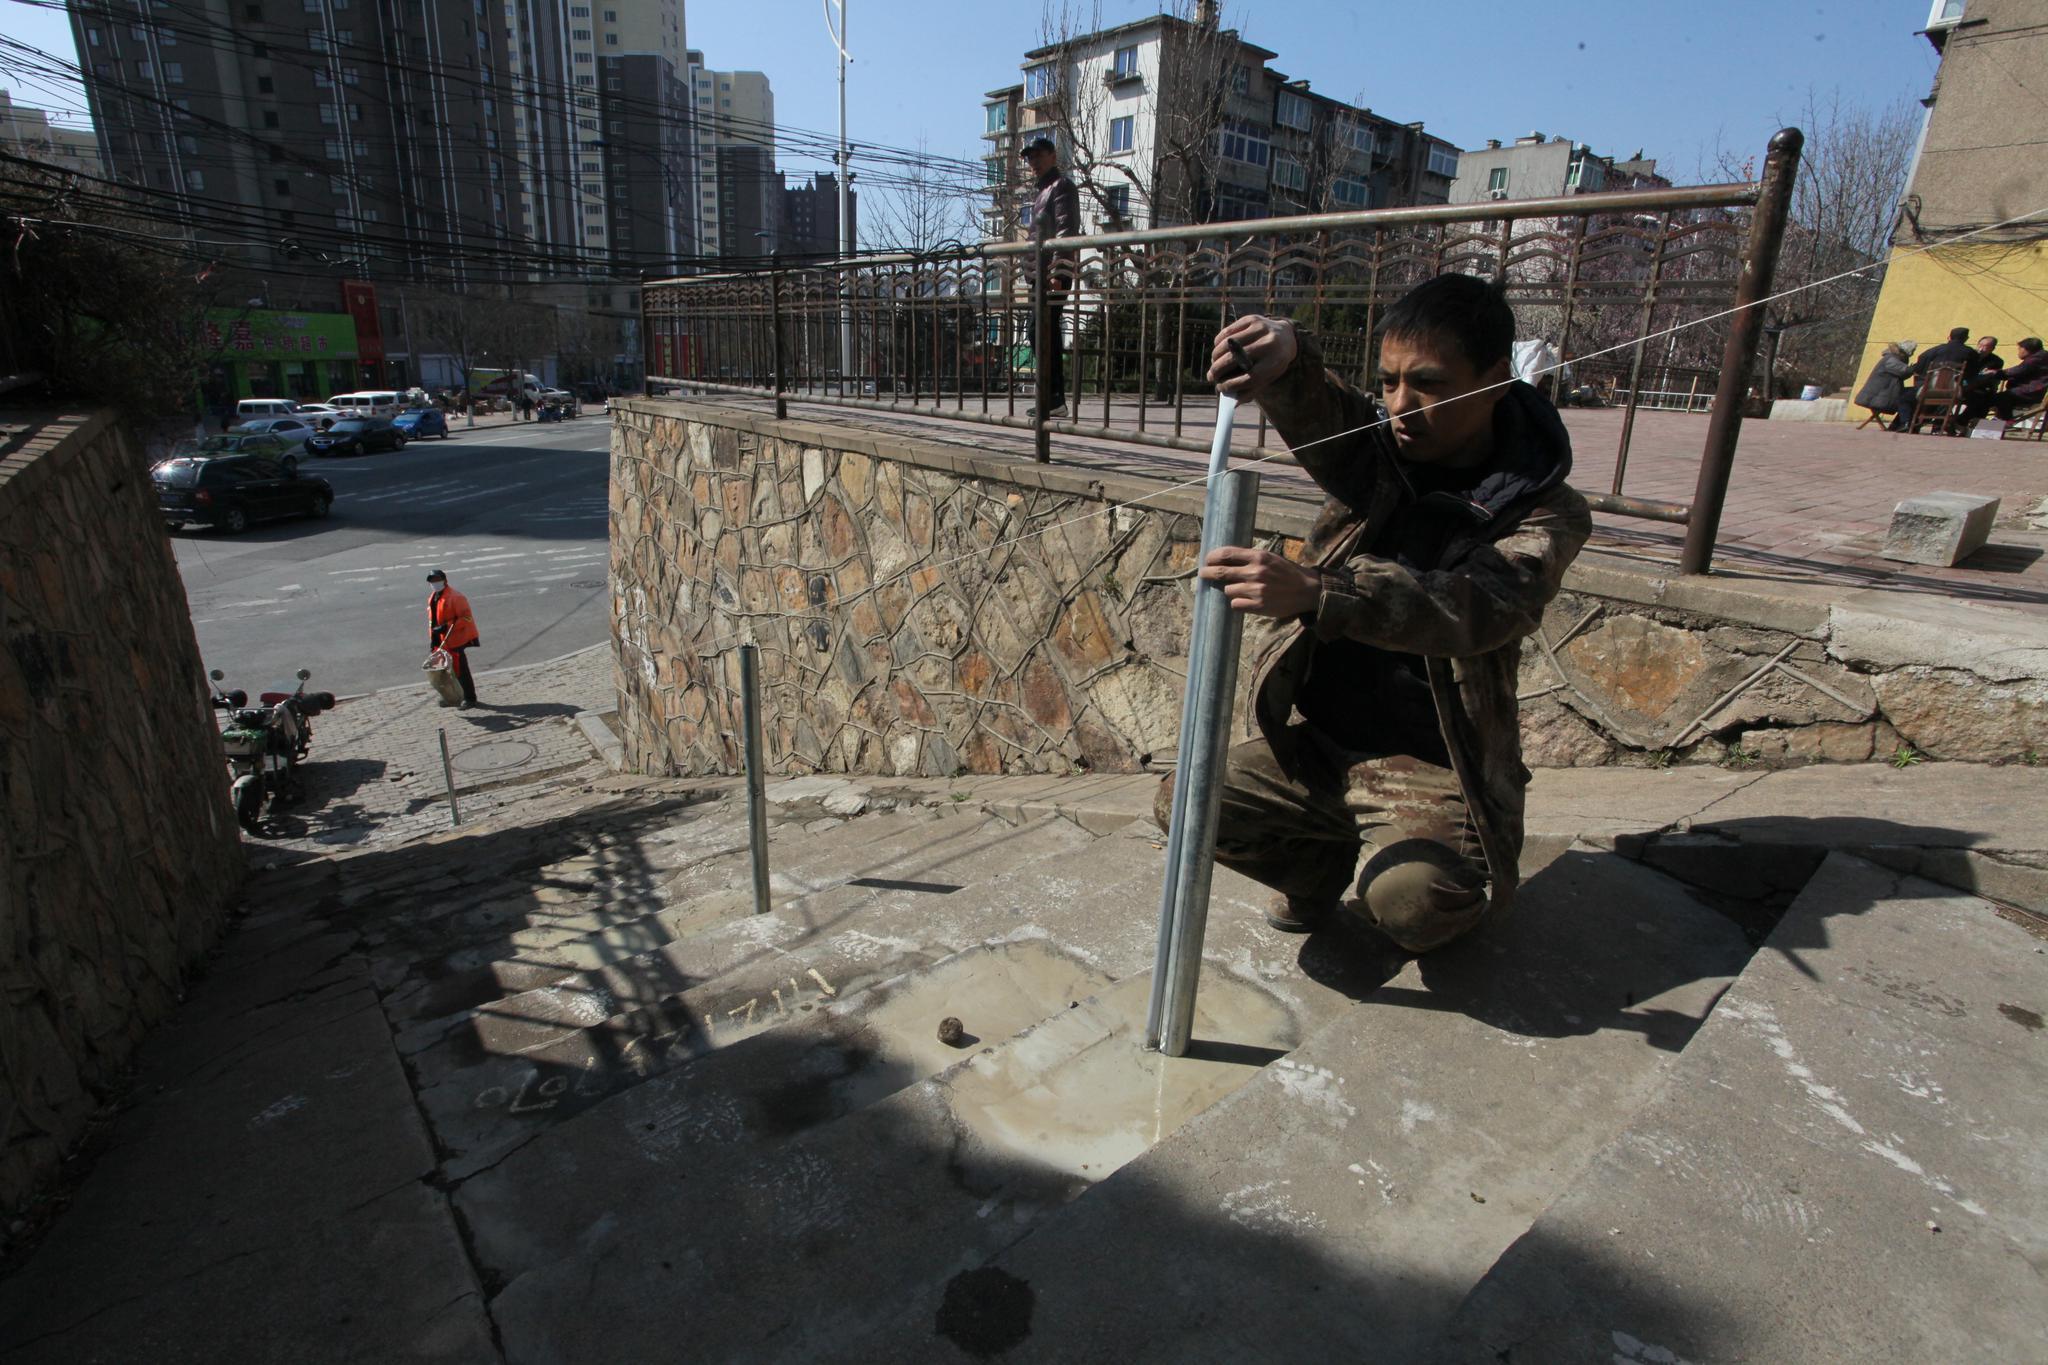 50米扶手和栏杆安好 居民不再怕滑倒